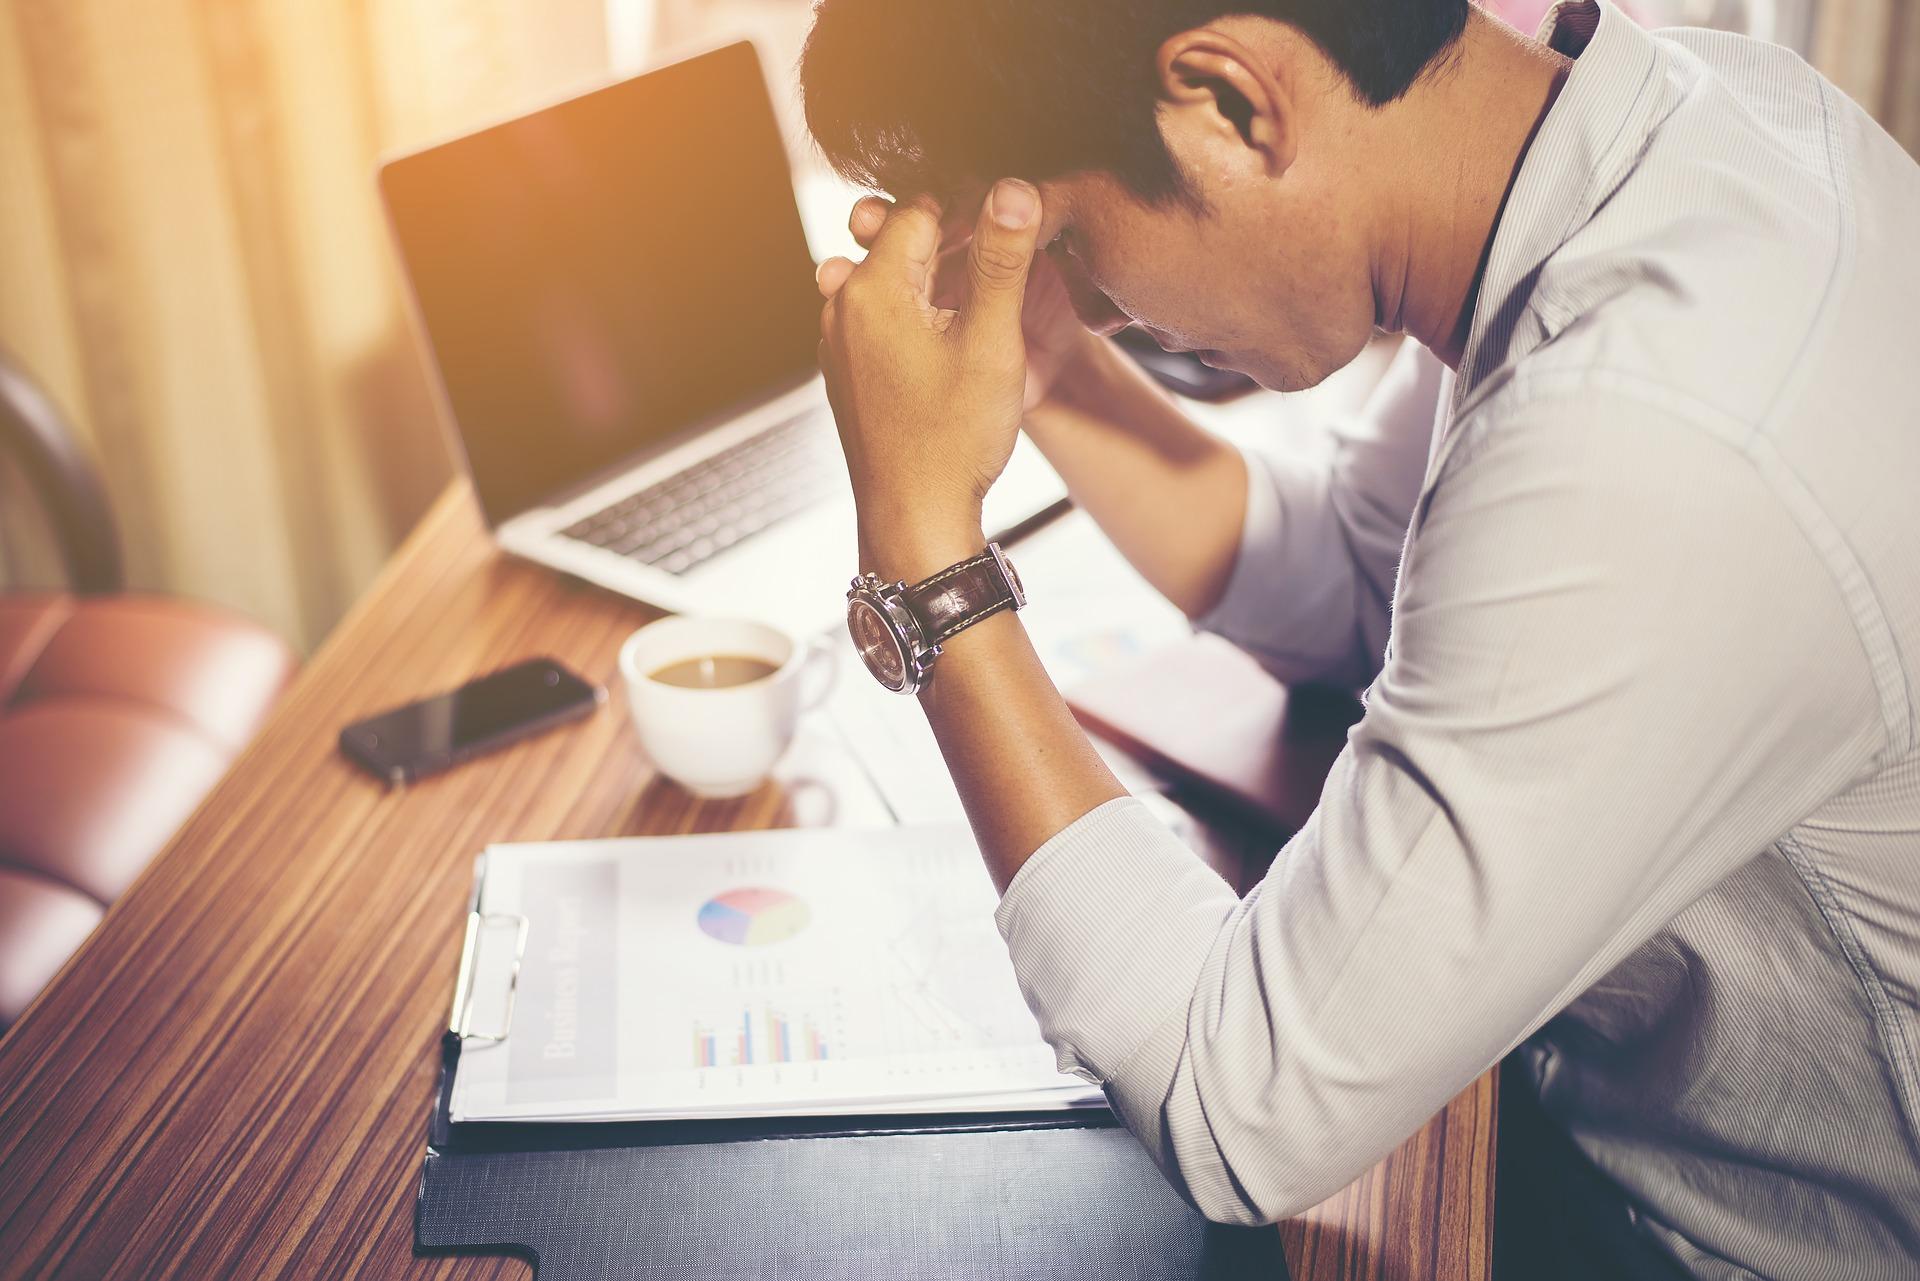 Os 3Ms para se livrar do estresse no trabalho